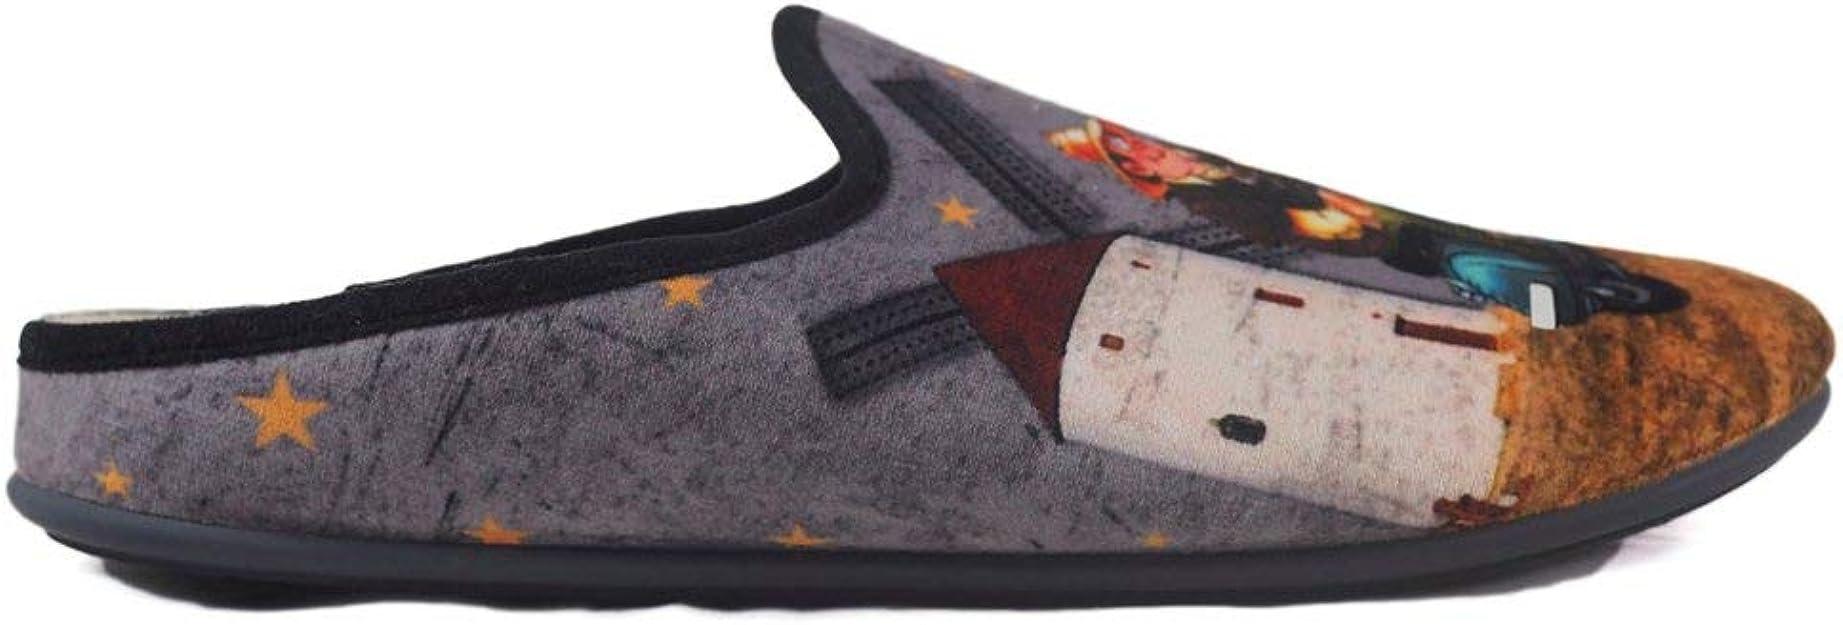 Pantuflas Zapatillas de Estar en casa para Hombre Invierno